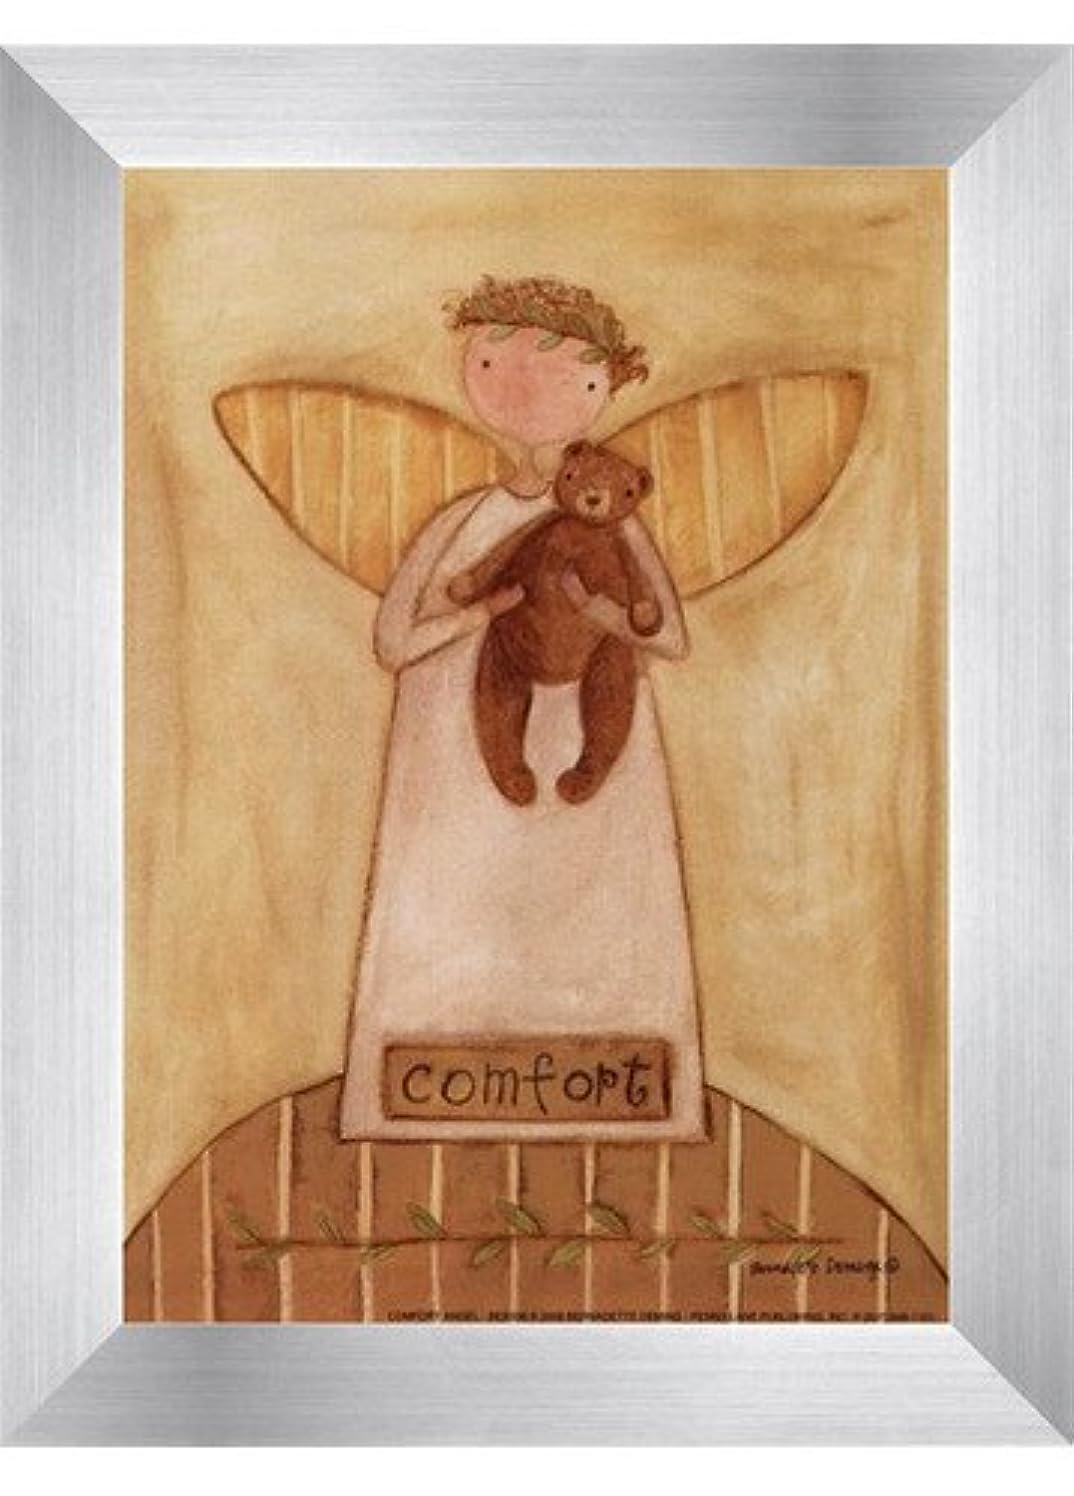 招待降伏トリクル快適Angel by Bernadette Deming?–?5?x 7インチ?–?アートプリントポスター LE_613850-F9935-5x7